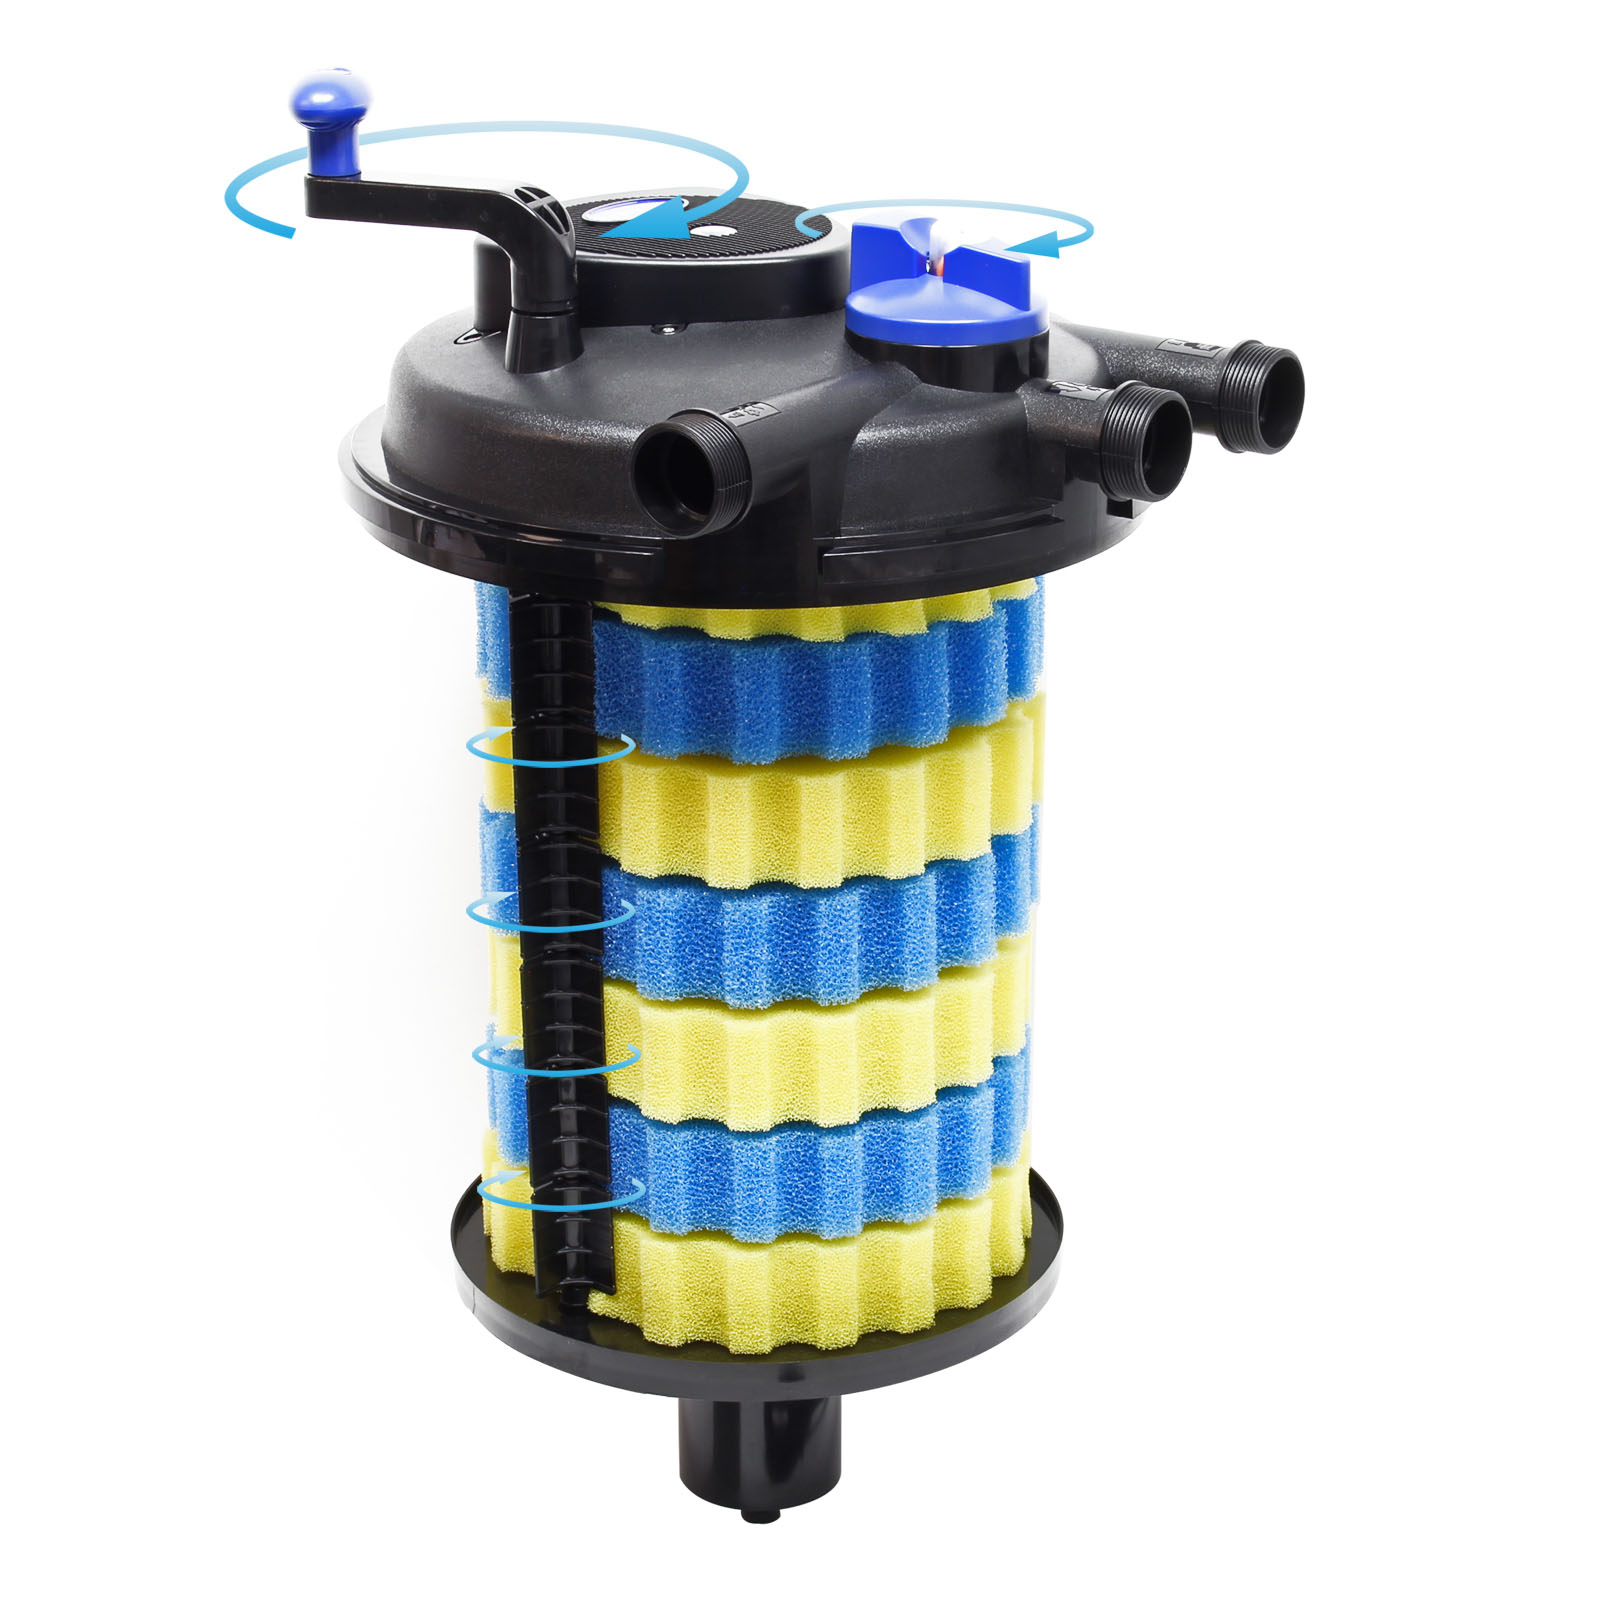 Ttsunsun Spare Part cpf-15000 UVC Lamp 18 W UV For Pressure Pond Filtre